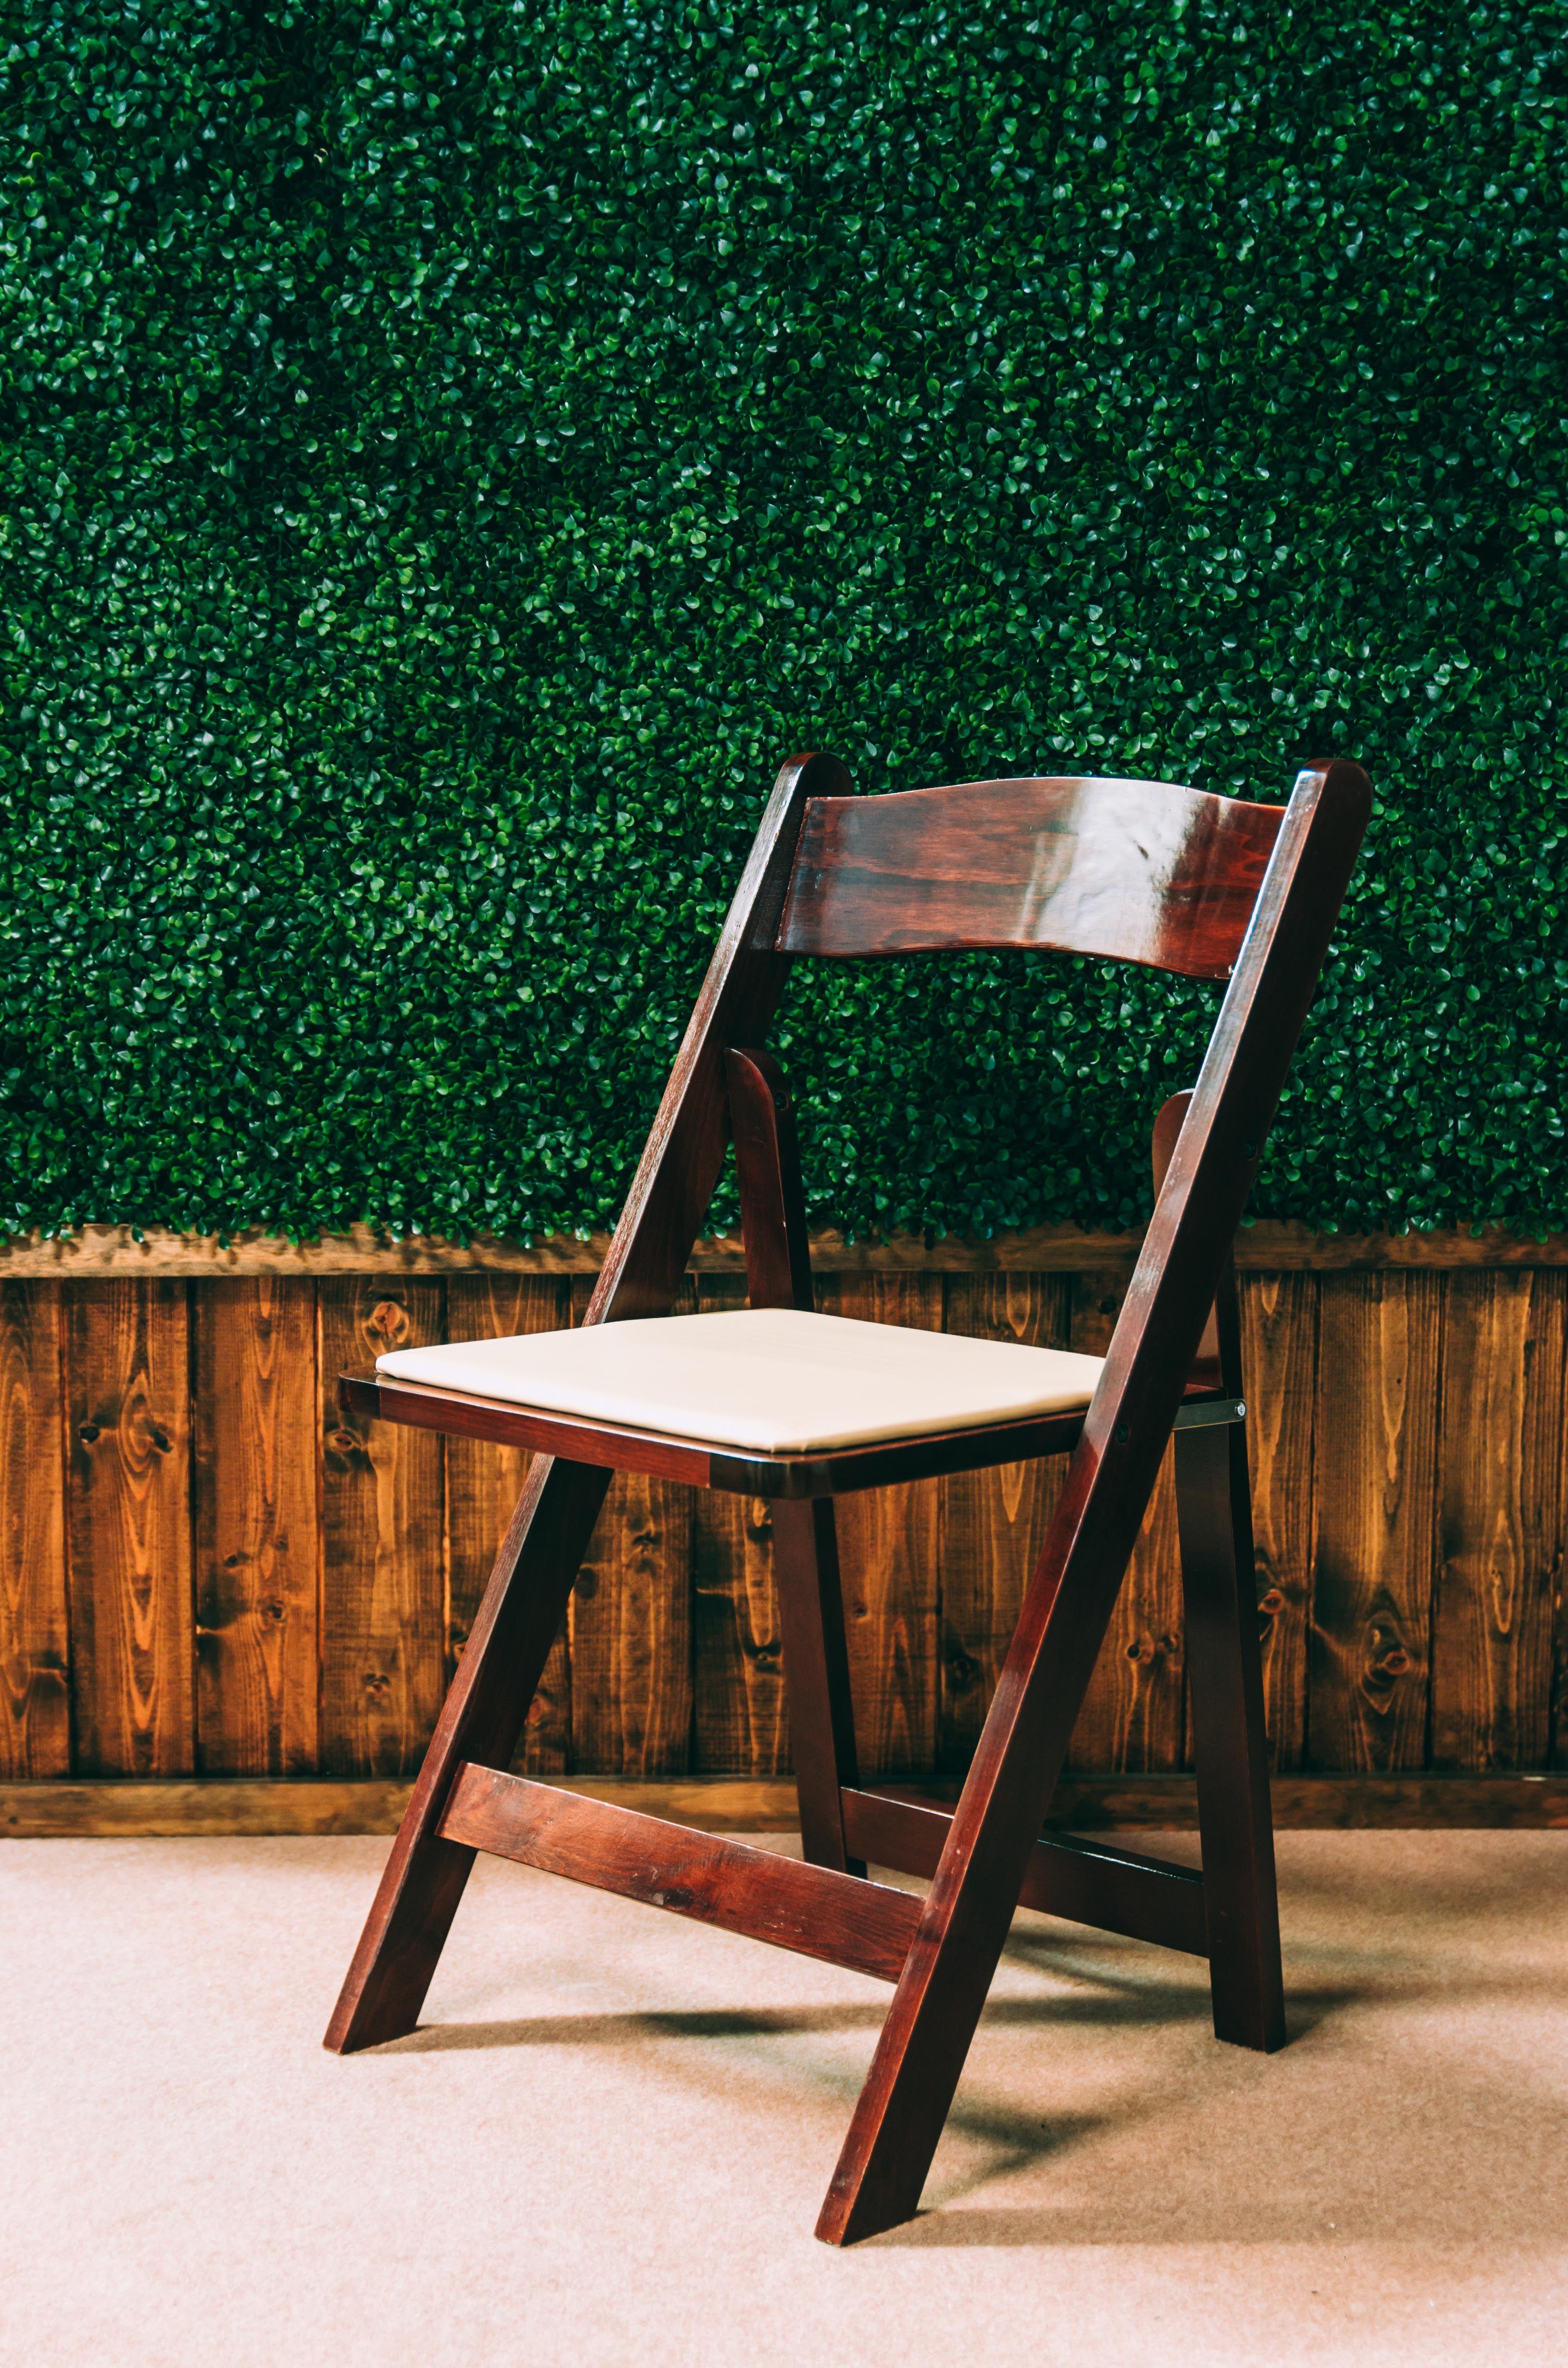 Wood Folding Chairs Wooden Folding Chairs Wood Folding Chair